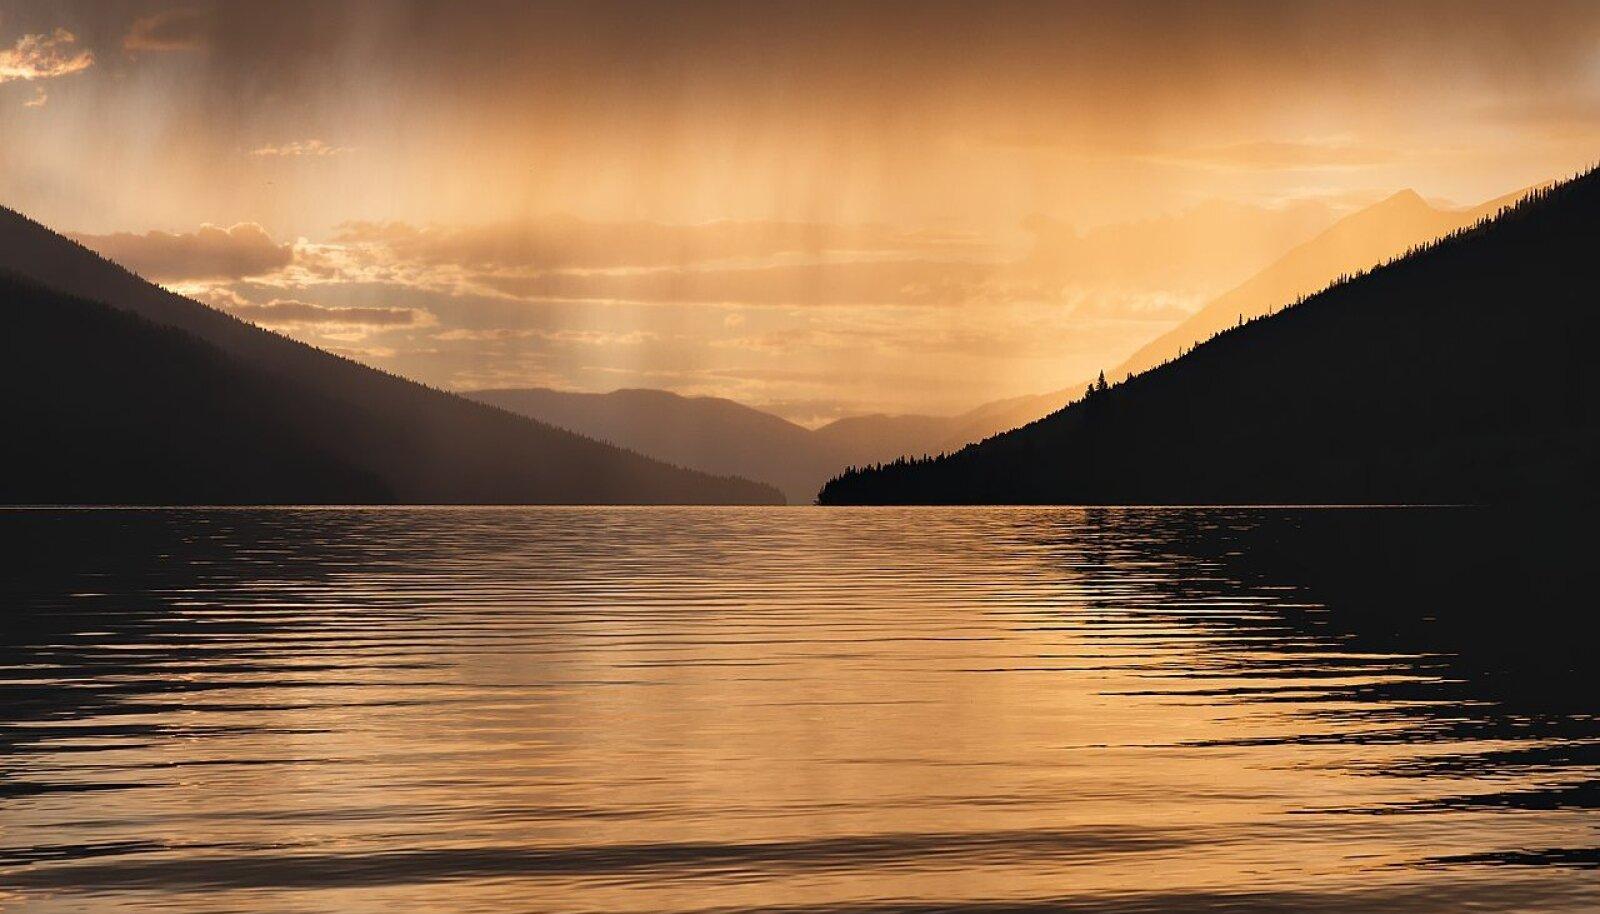 Isaaci järv Kanadas. (Wikimedia Commons / Trougnouf)